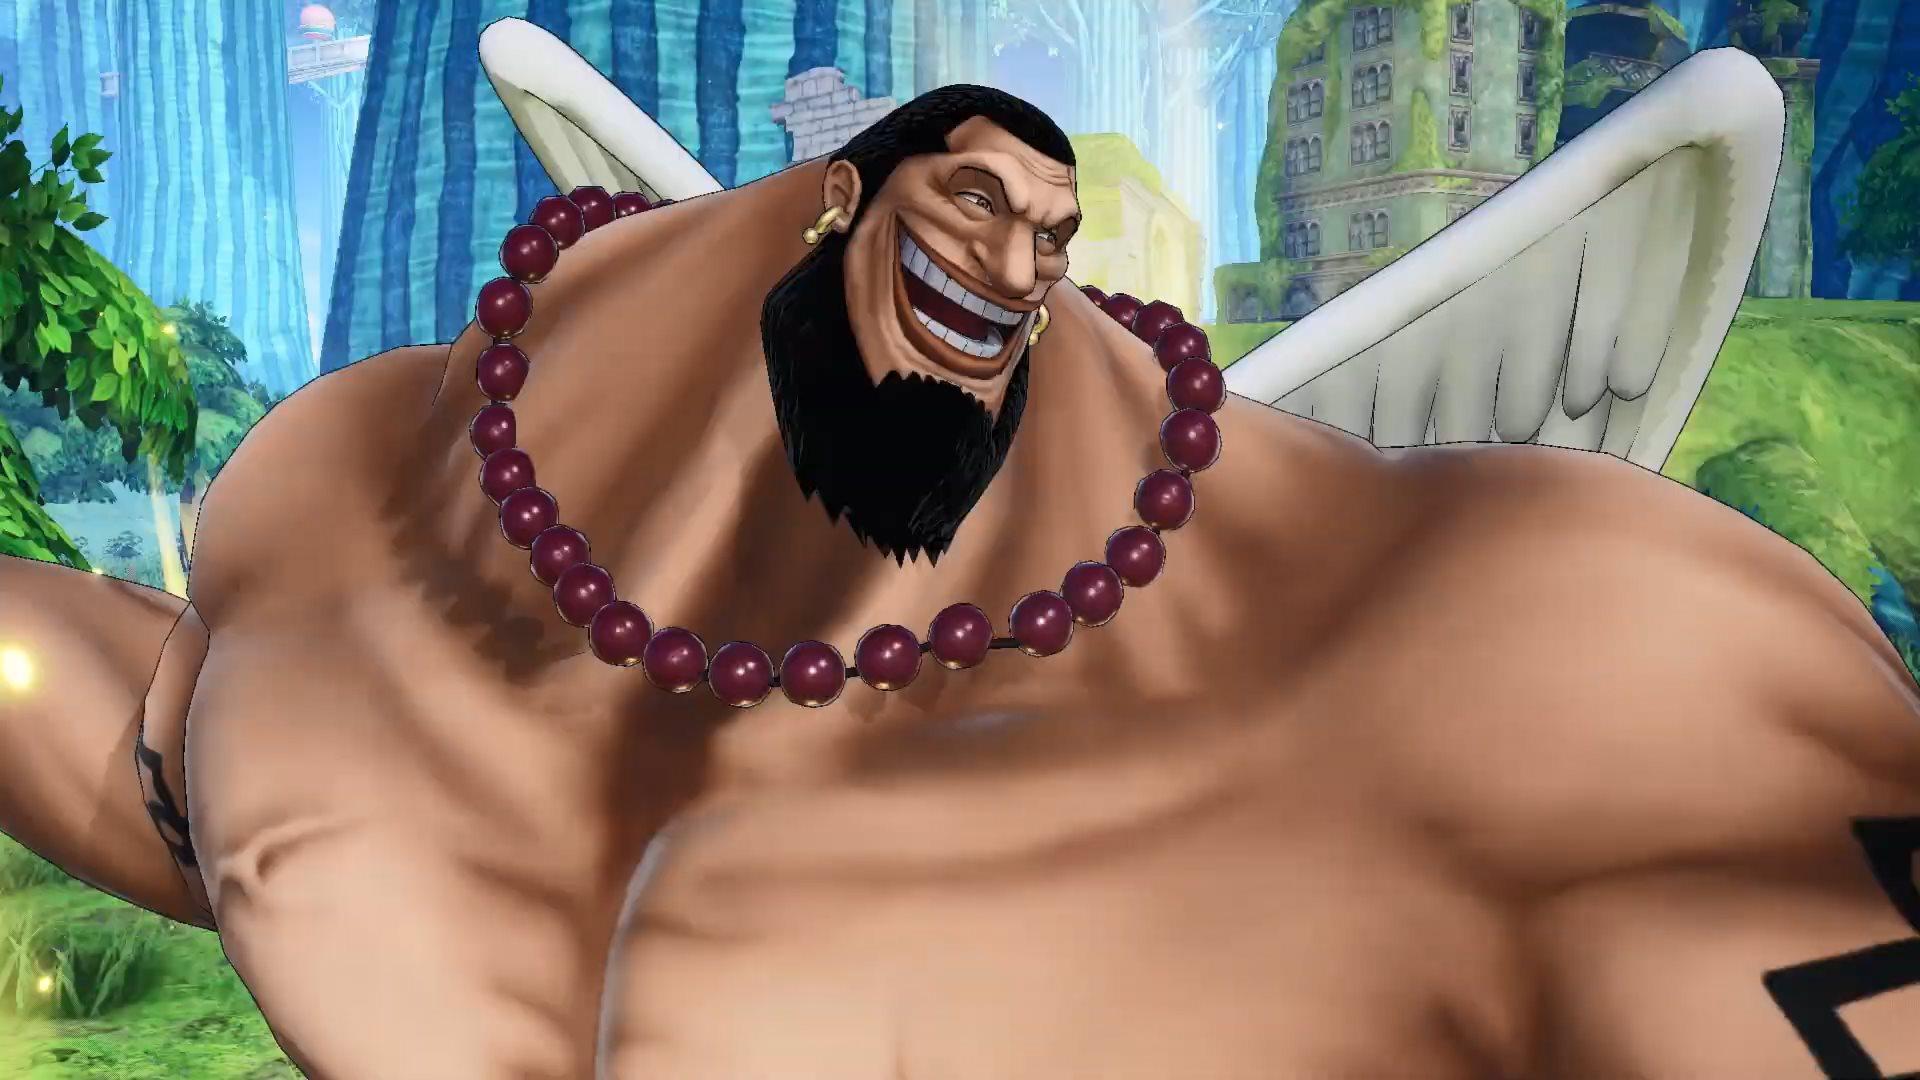 《海贼无双4》乌尔基演示视频 极恶世代角色包9月24日推出